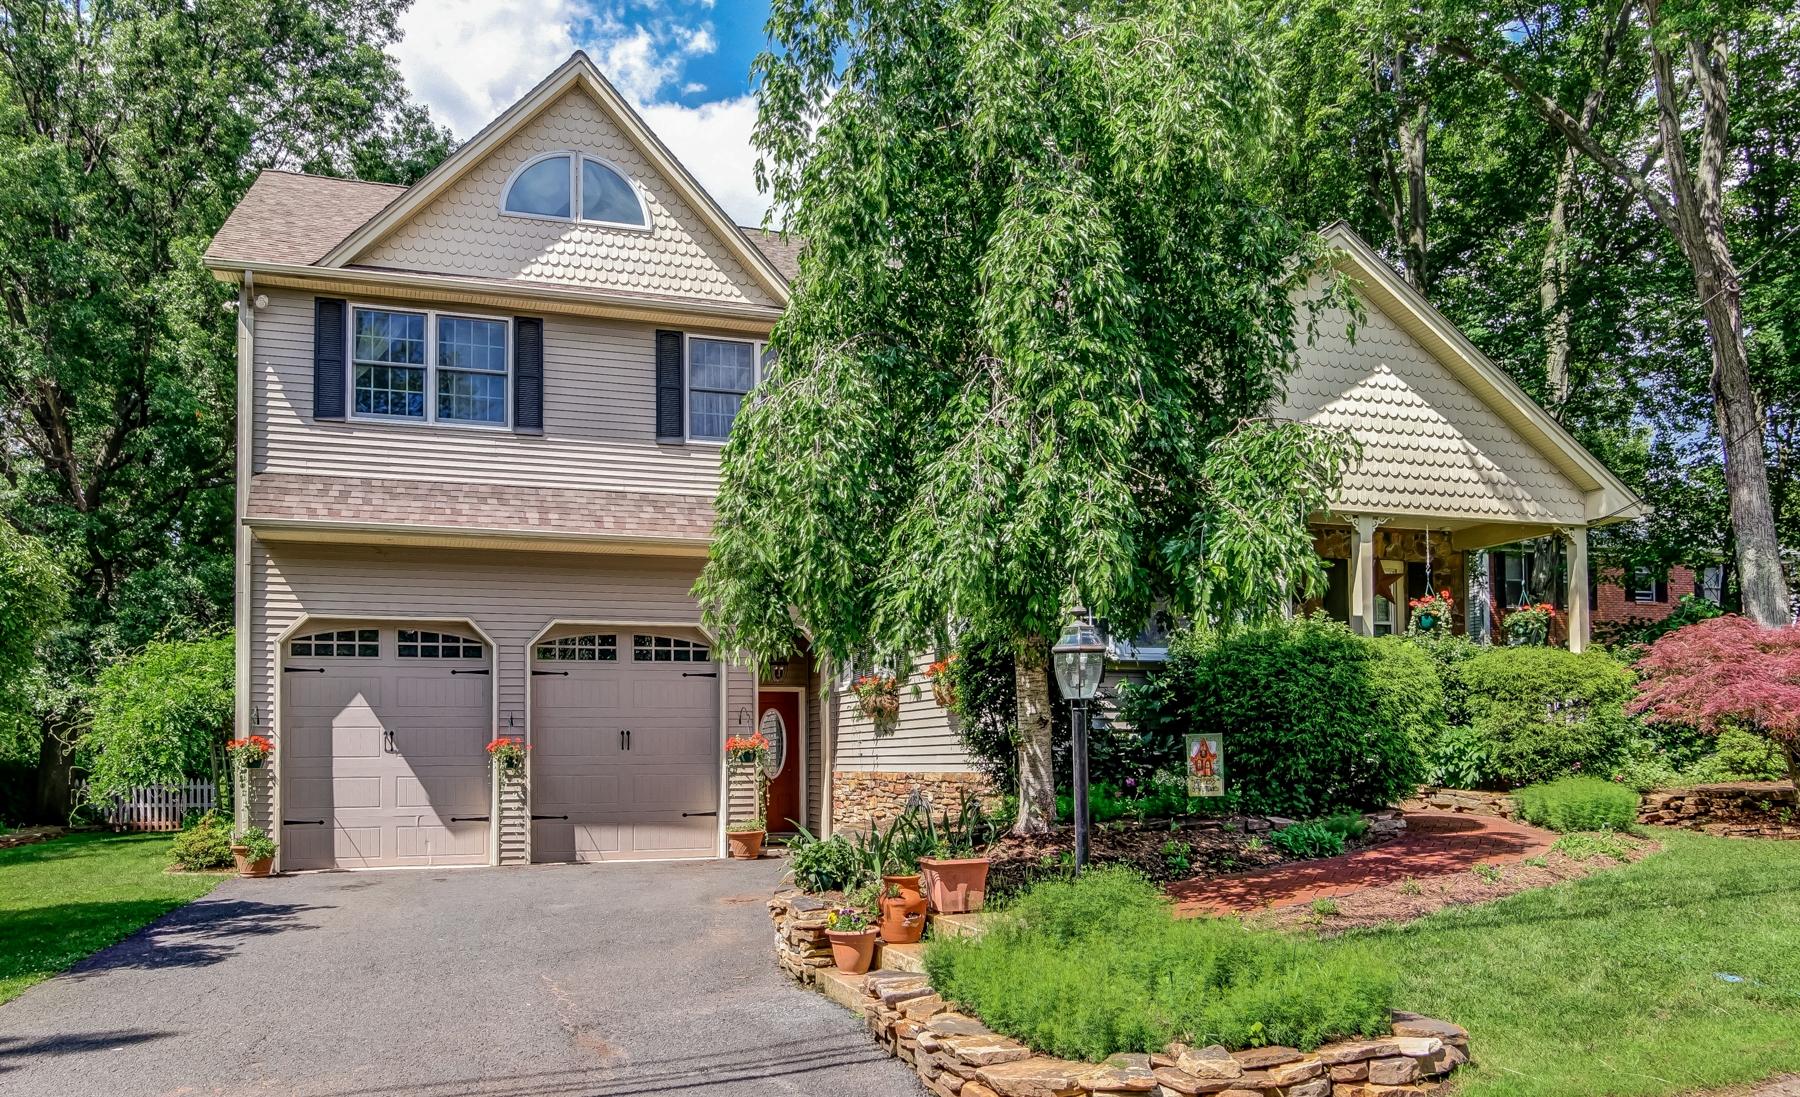 Casa Unifamiliar por un Venta en Exceptional Custom Home 9 Drysdale Lane Bridgewater, Nueva Jersey 08807 Estados Unidos